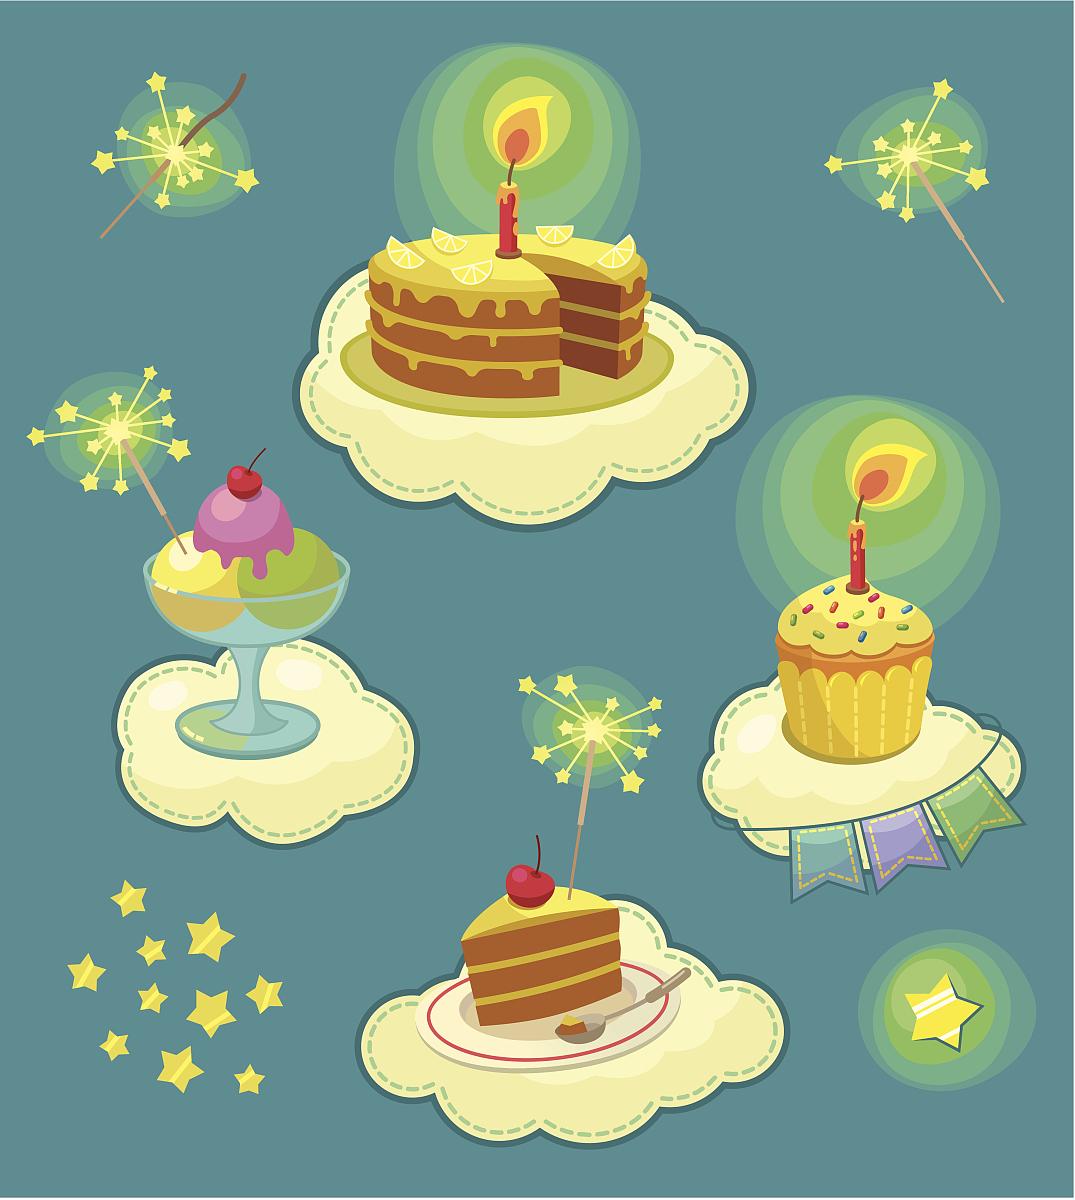 色彩鮮豔,甜點心,甜食,糖衣,卡通,繪畫插圖,禮物,樂趣,動畫片,生日